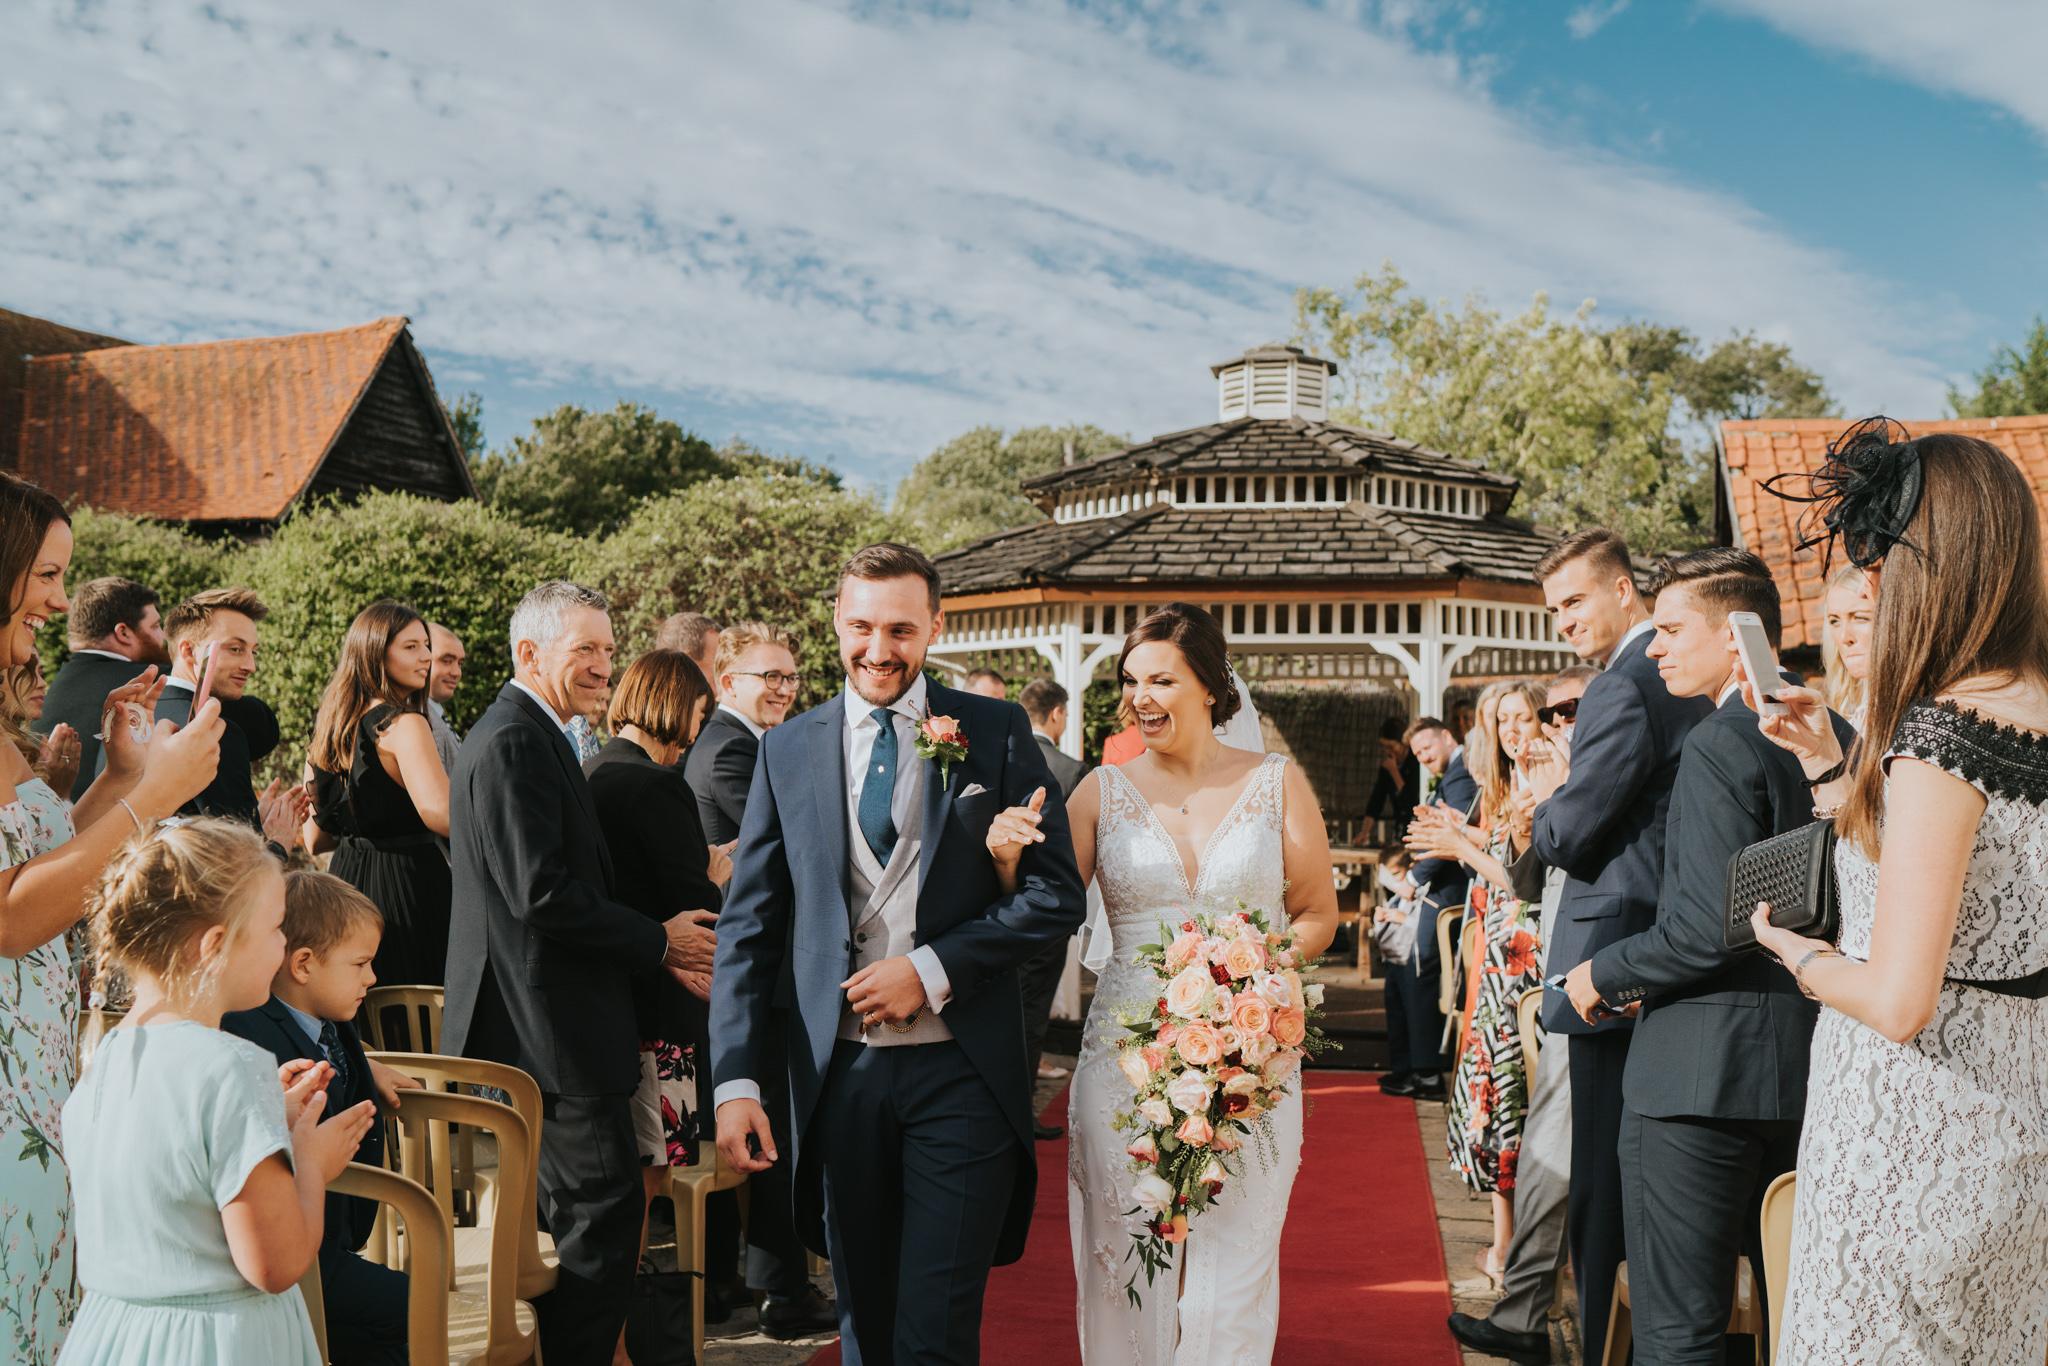 grace-elizabeth-essex-wedding-photographer-best-2018-highlights-norfolk-essex-devon-suffolk (72 of 100).jpg